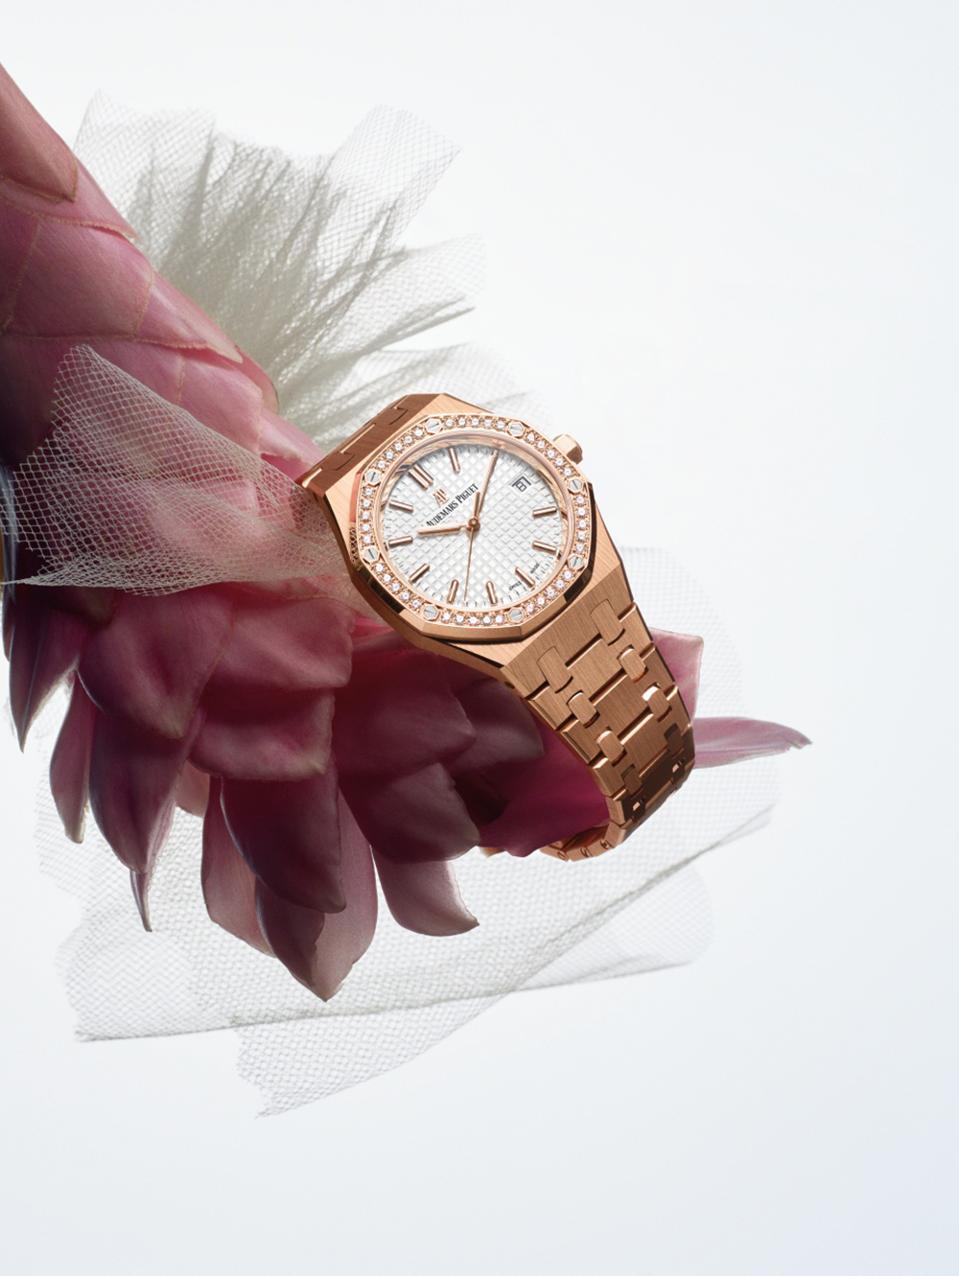 The new 34mm Royal Oak in 18k pink gold with a diamond bezel, but Audemars Piguet.